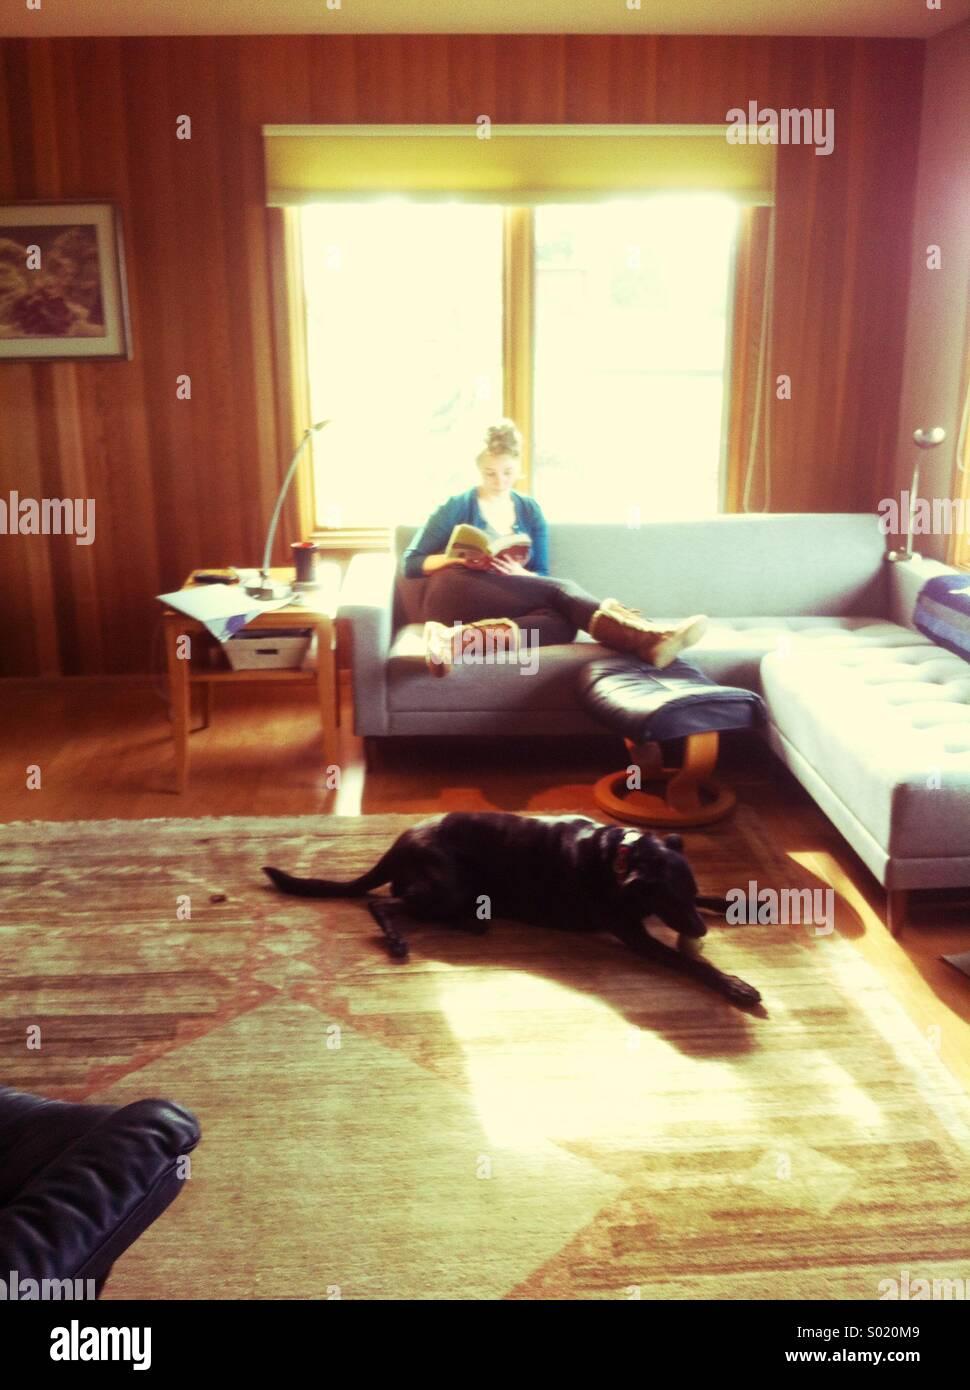 Junge Frau bei schwarzer Hund auf Teppich im Wohnzimmer lesen Stockbild